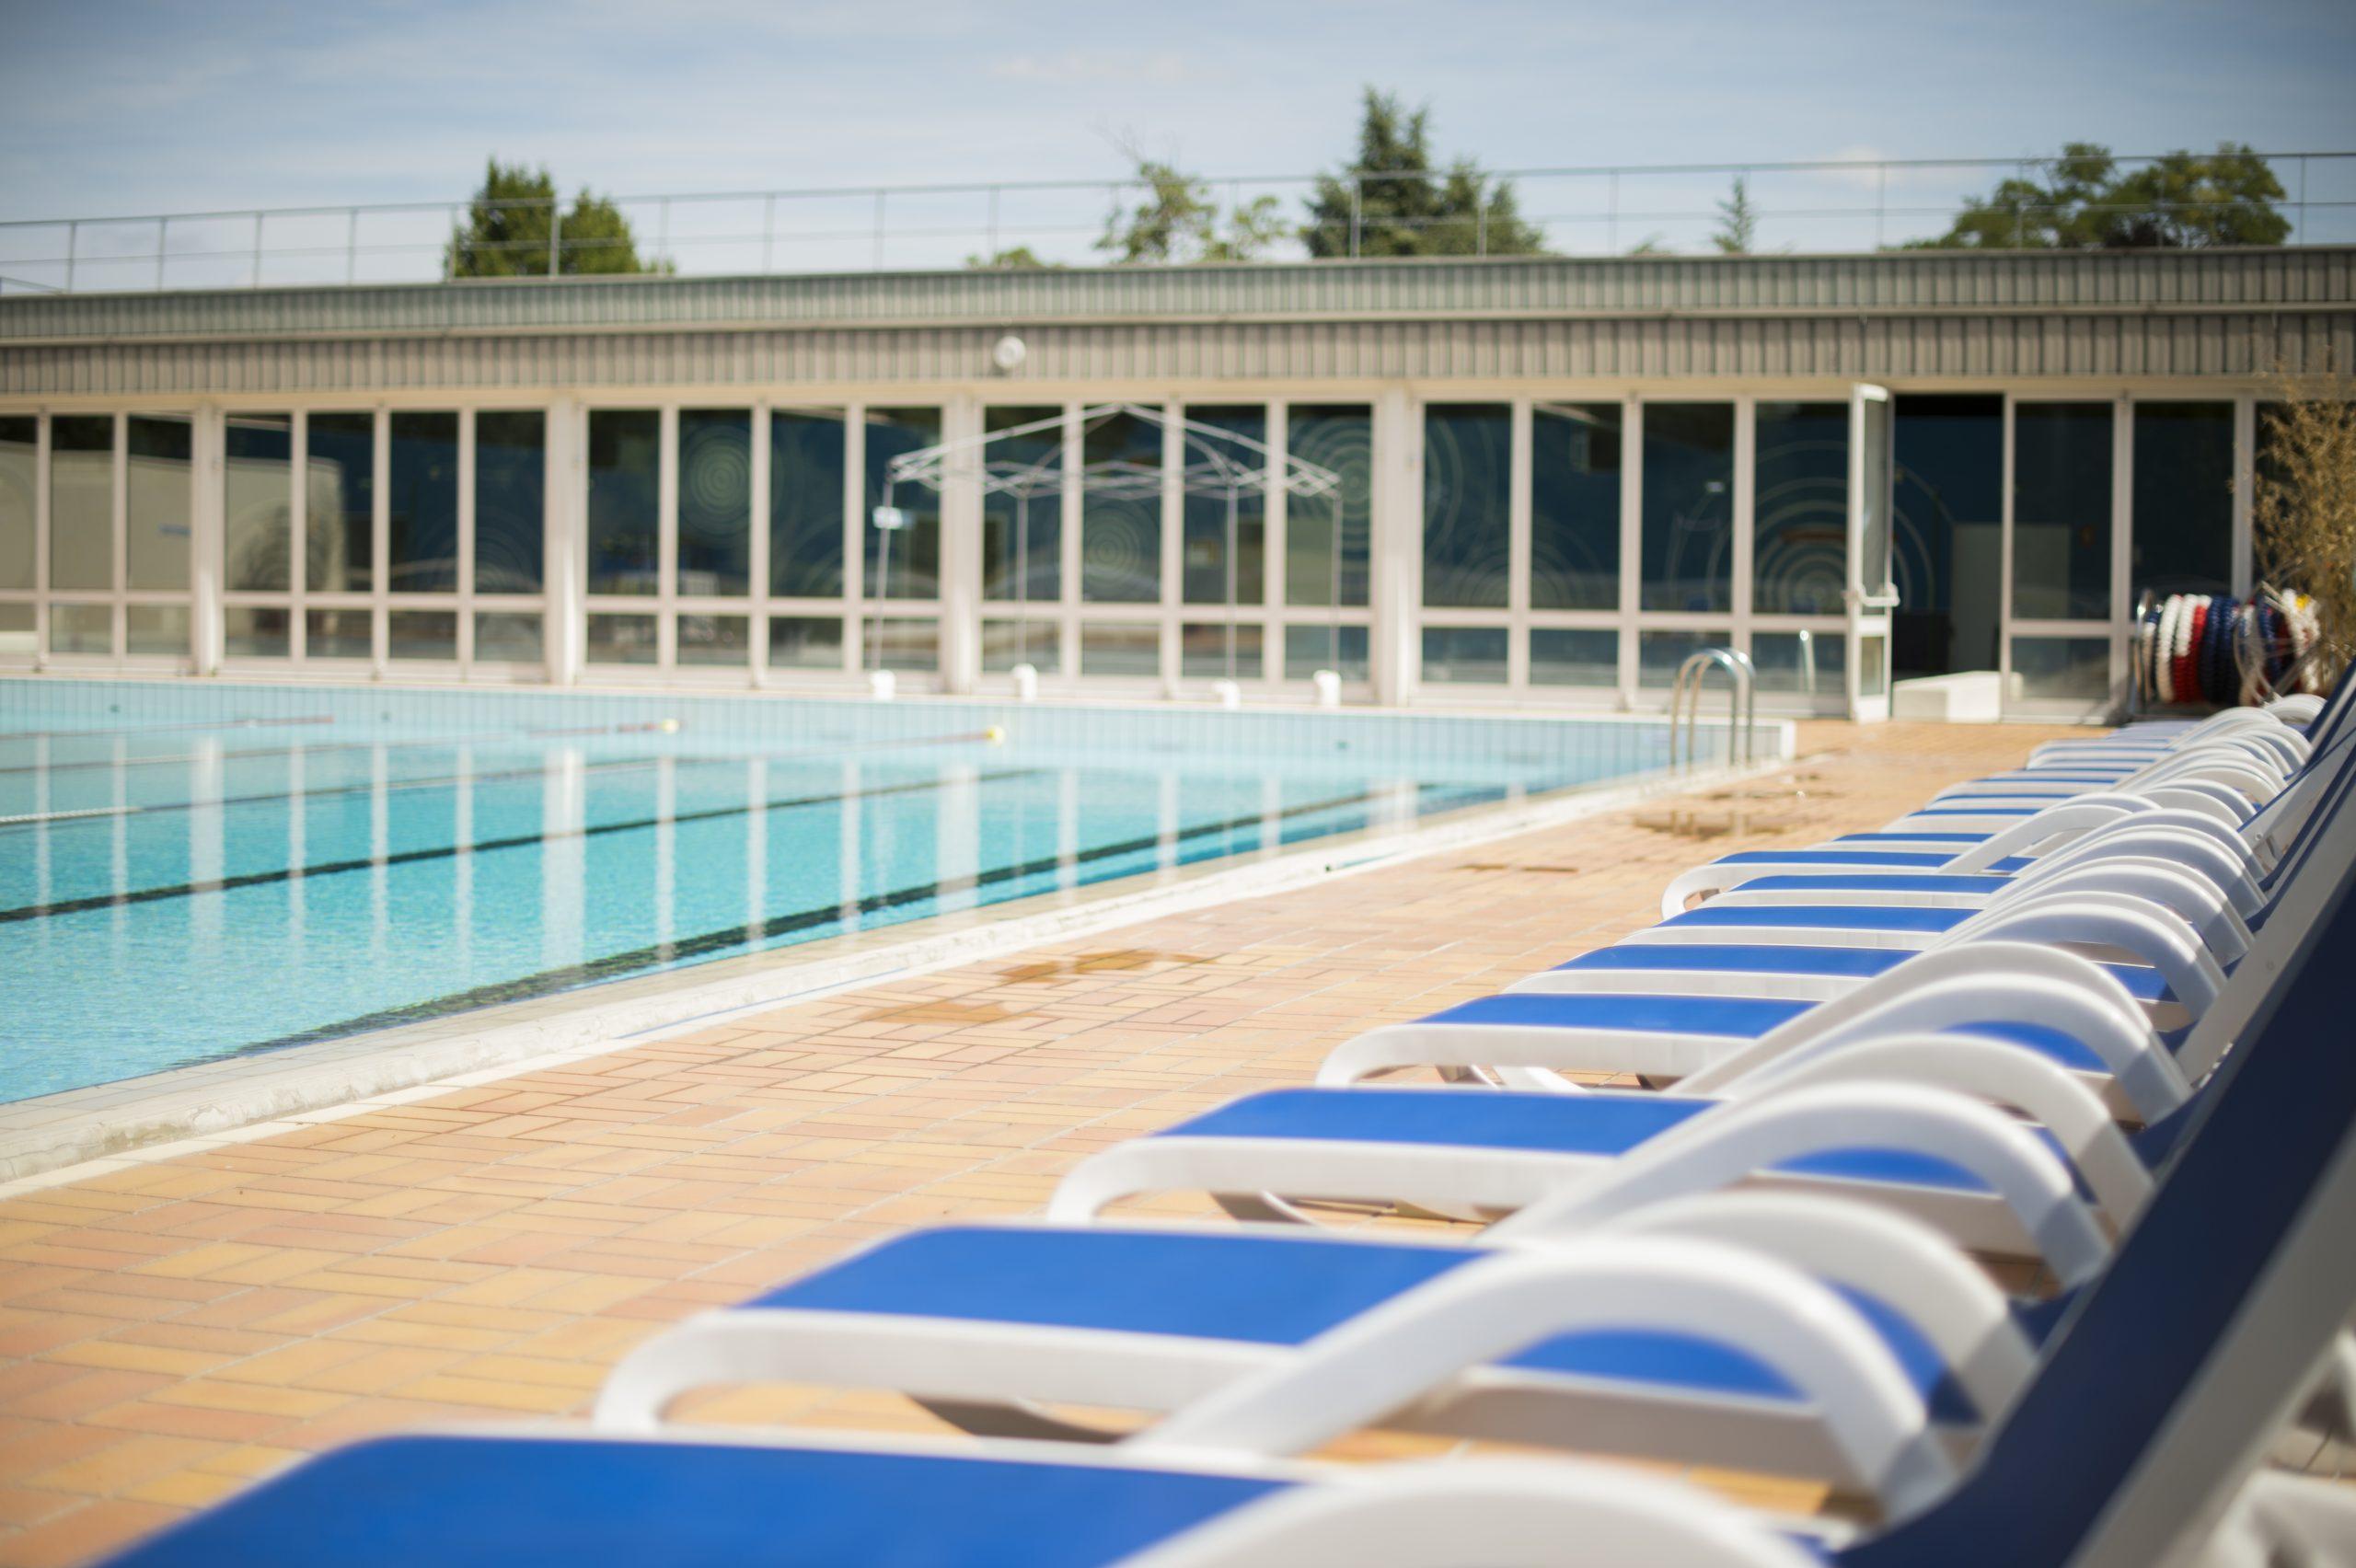 Piscine | Ville-Sucy.fr, Site Officiel De La Ville De Sucy ... pour Piscine La Fleche